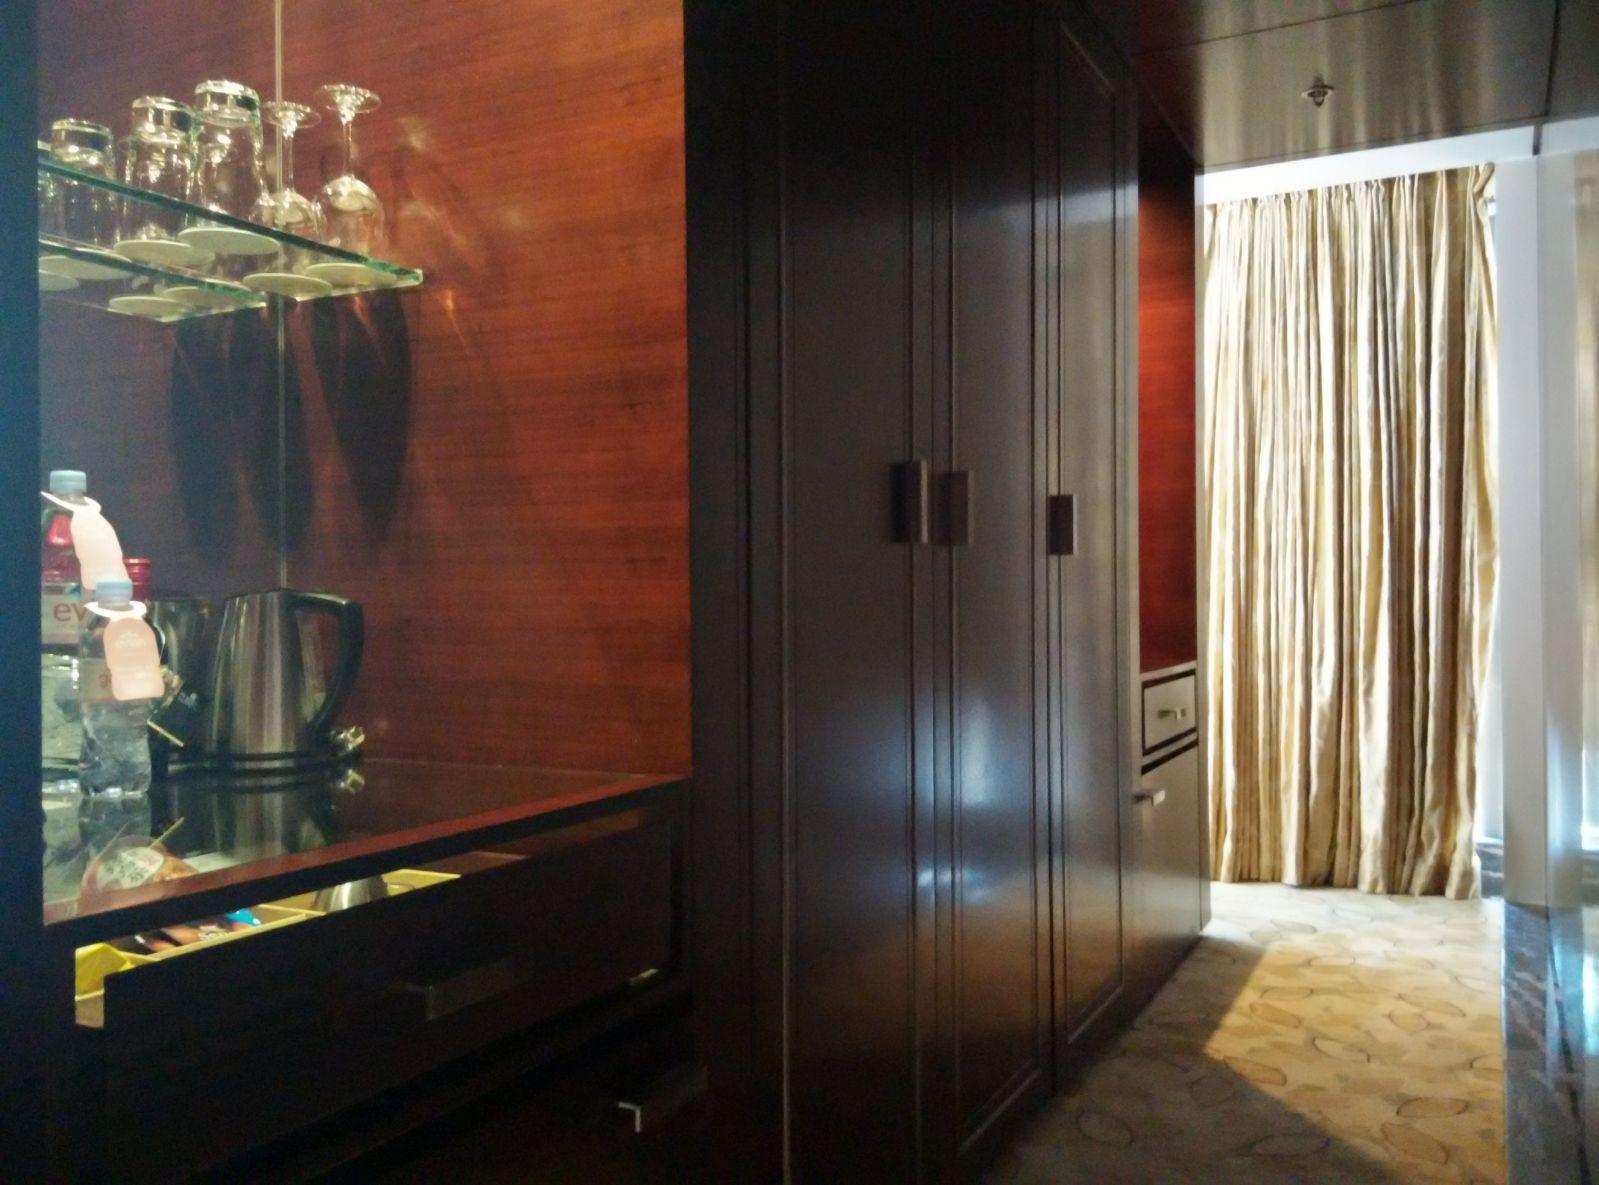 shenzhen-jw-marriott-room-3